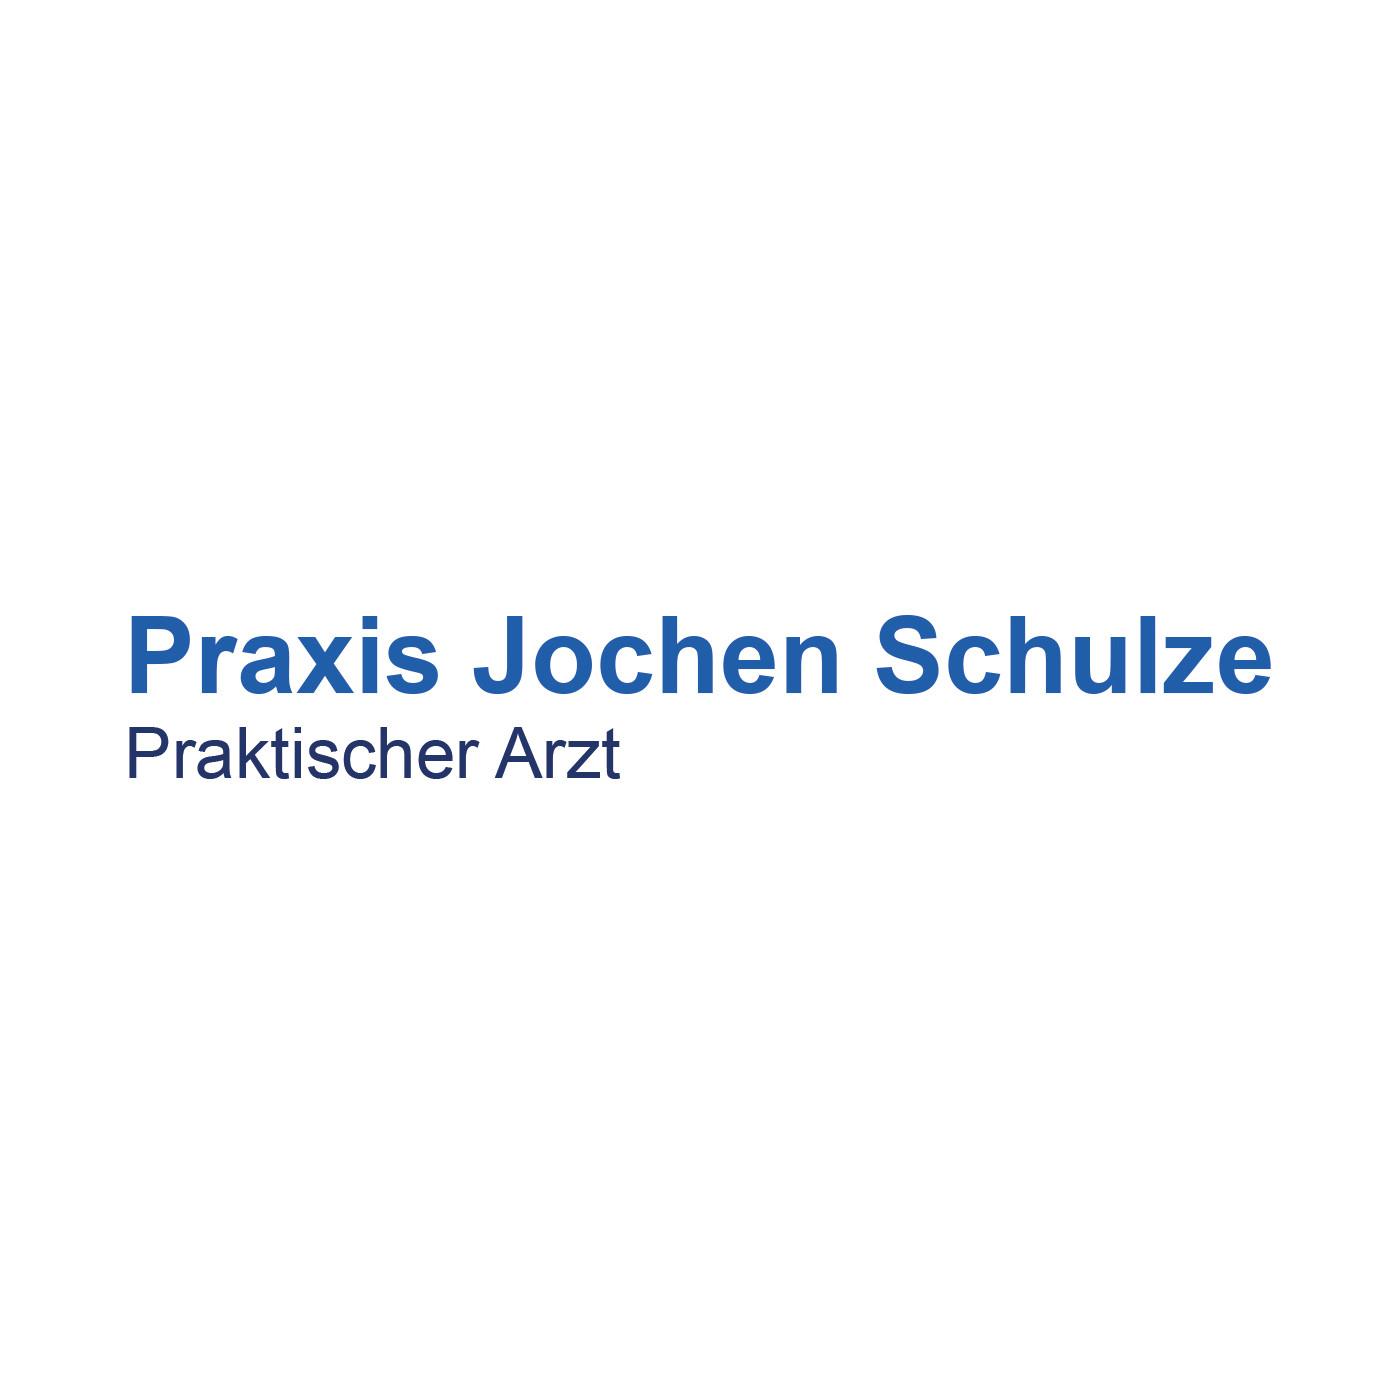 Logo von Praxis Jochen Schulze - Praktischer Arzt